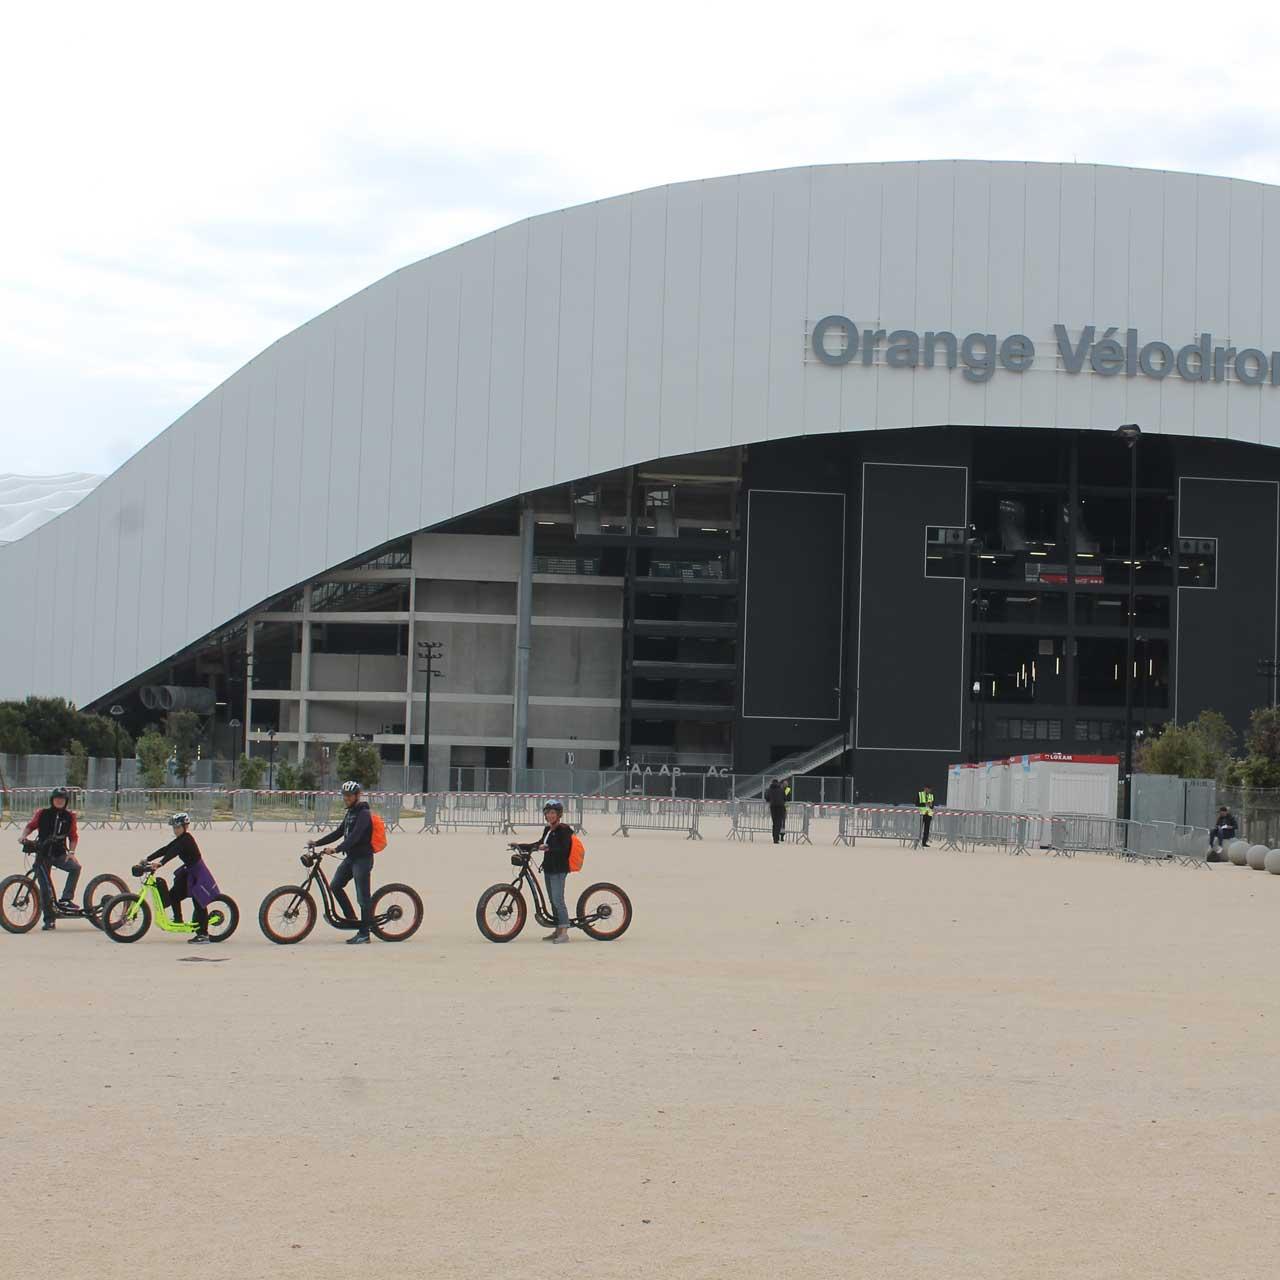 Stade-velodrome-en-trotinnette